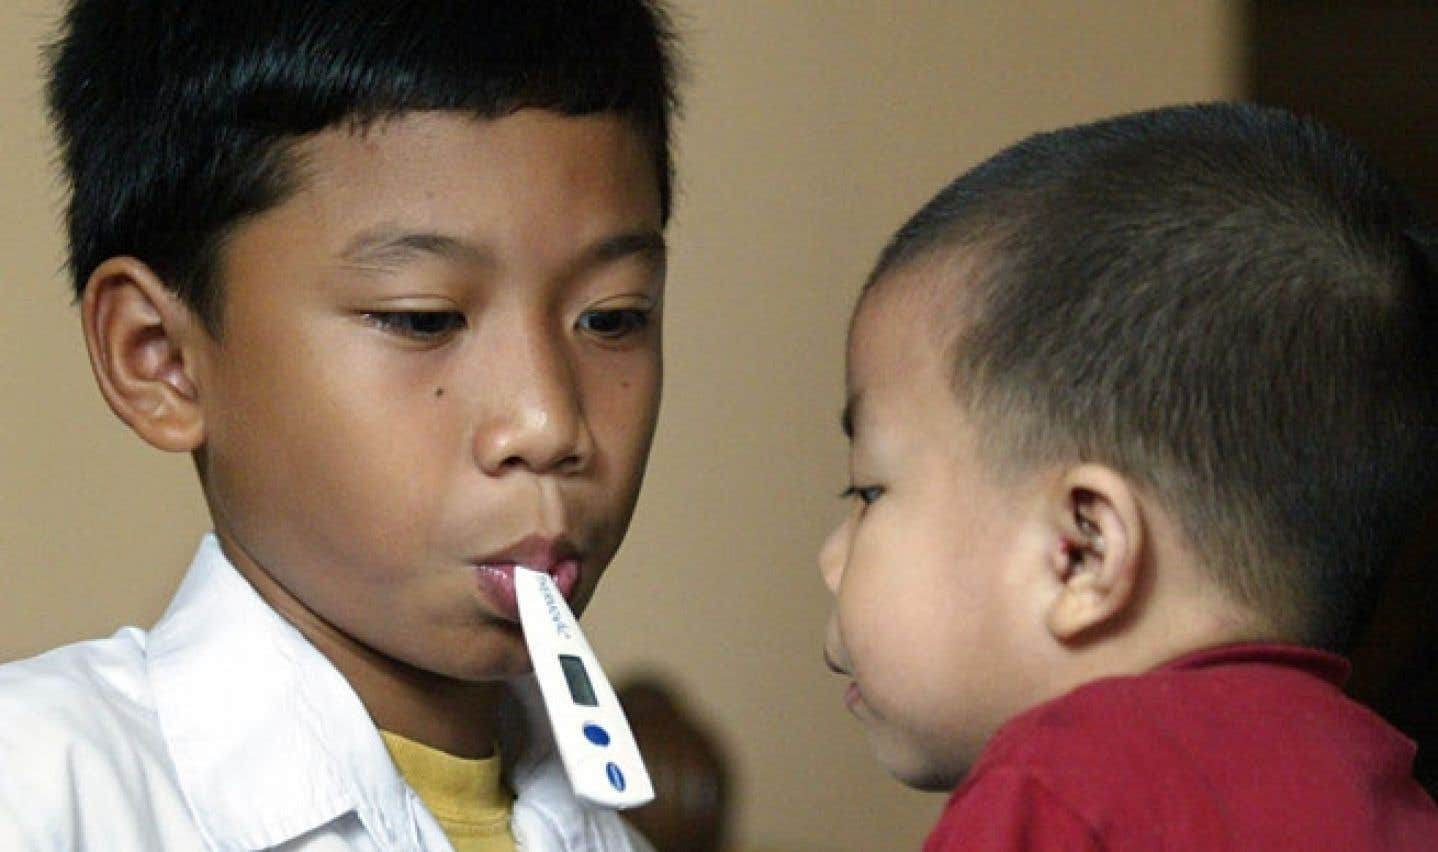 Les médicaments contre la fièvre favorisent la propagation de la grippe